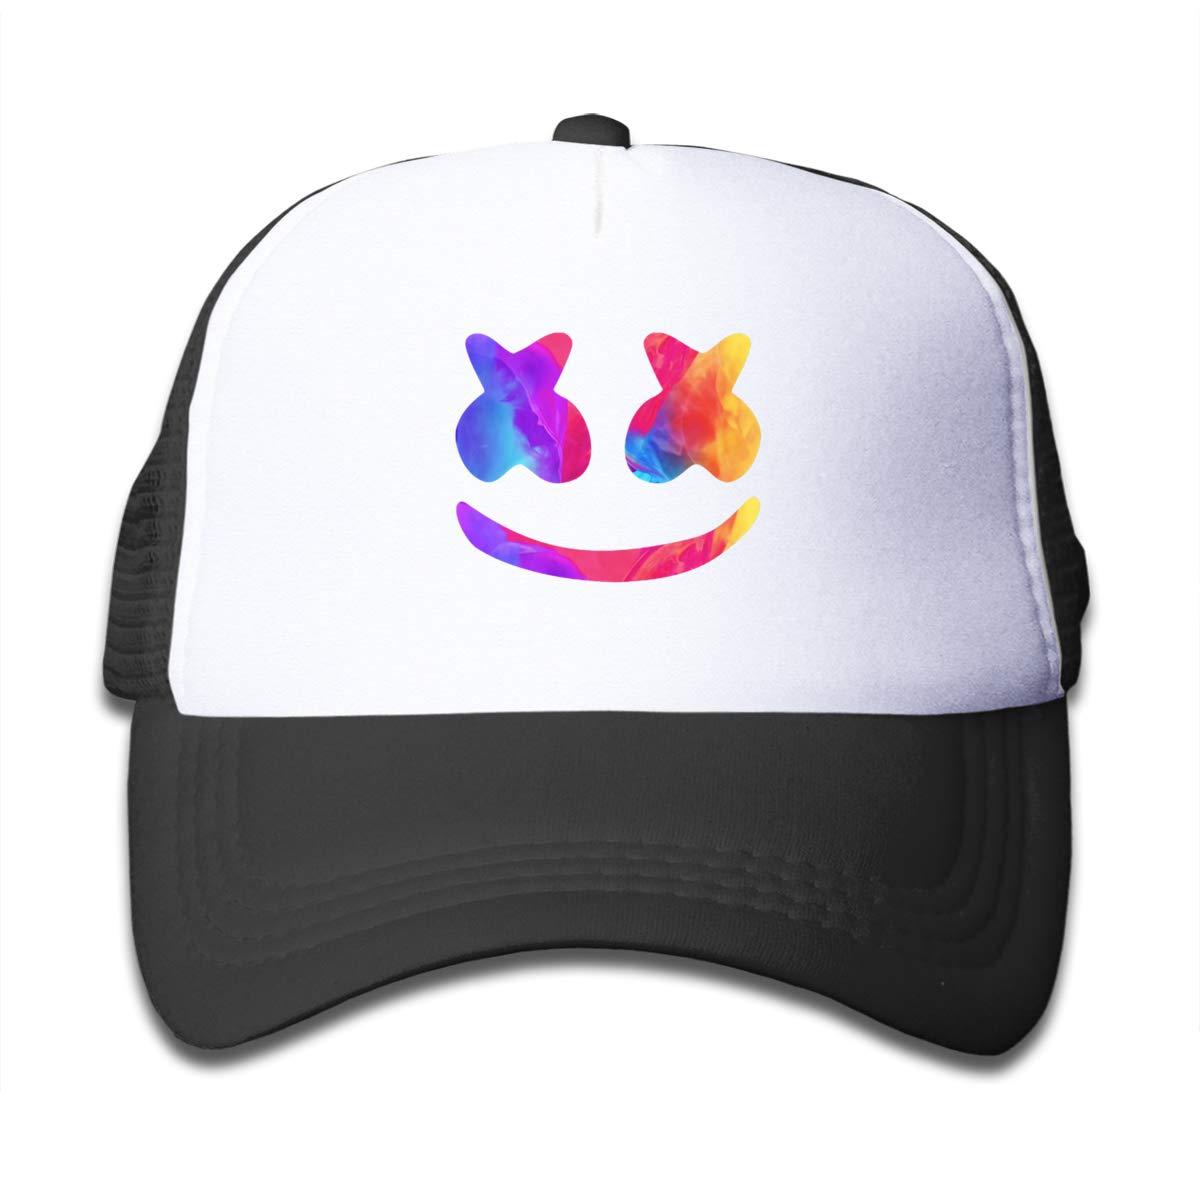 Aiw Wfdnn Marshmello Helmet Mesh Baseball Hat Kid's Adjustable